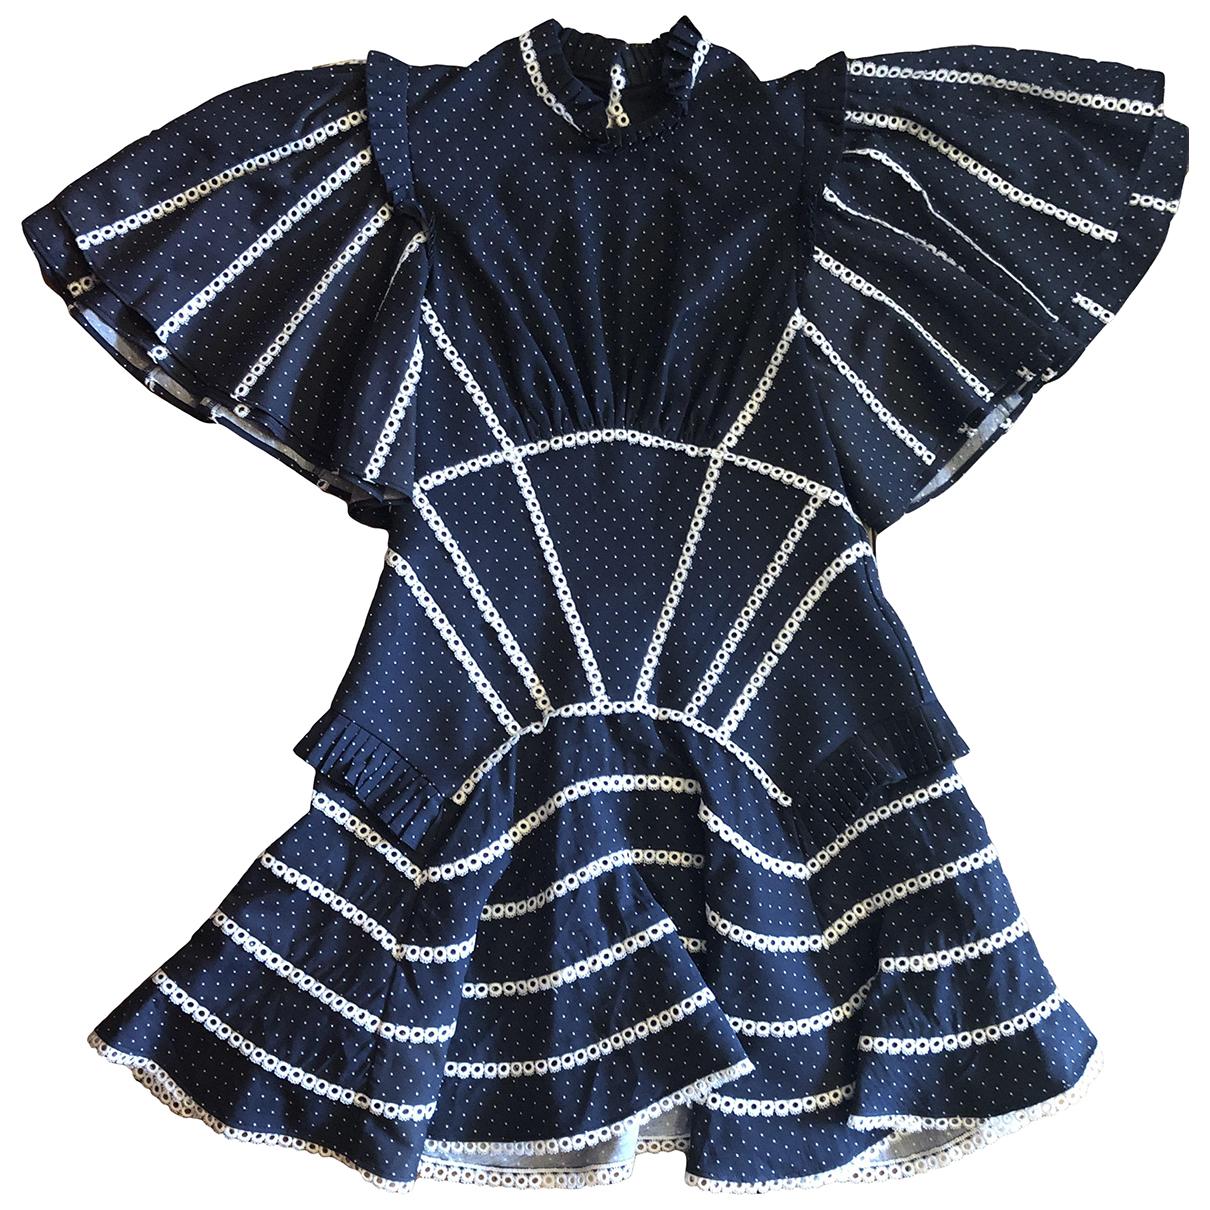 Acler \N Kleid in  Marine Baumwolle - Elasthan